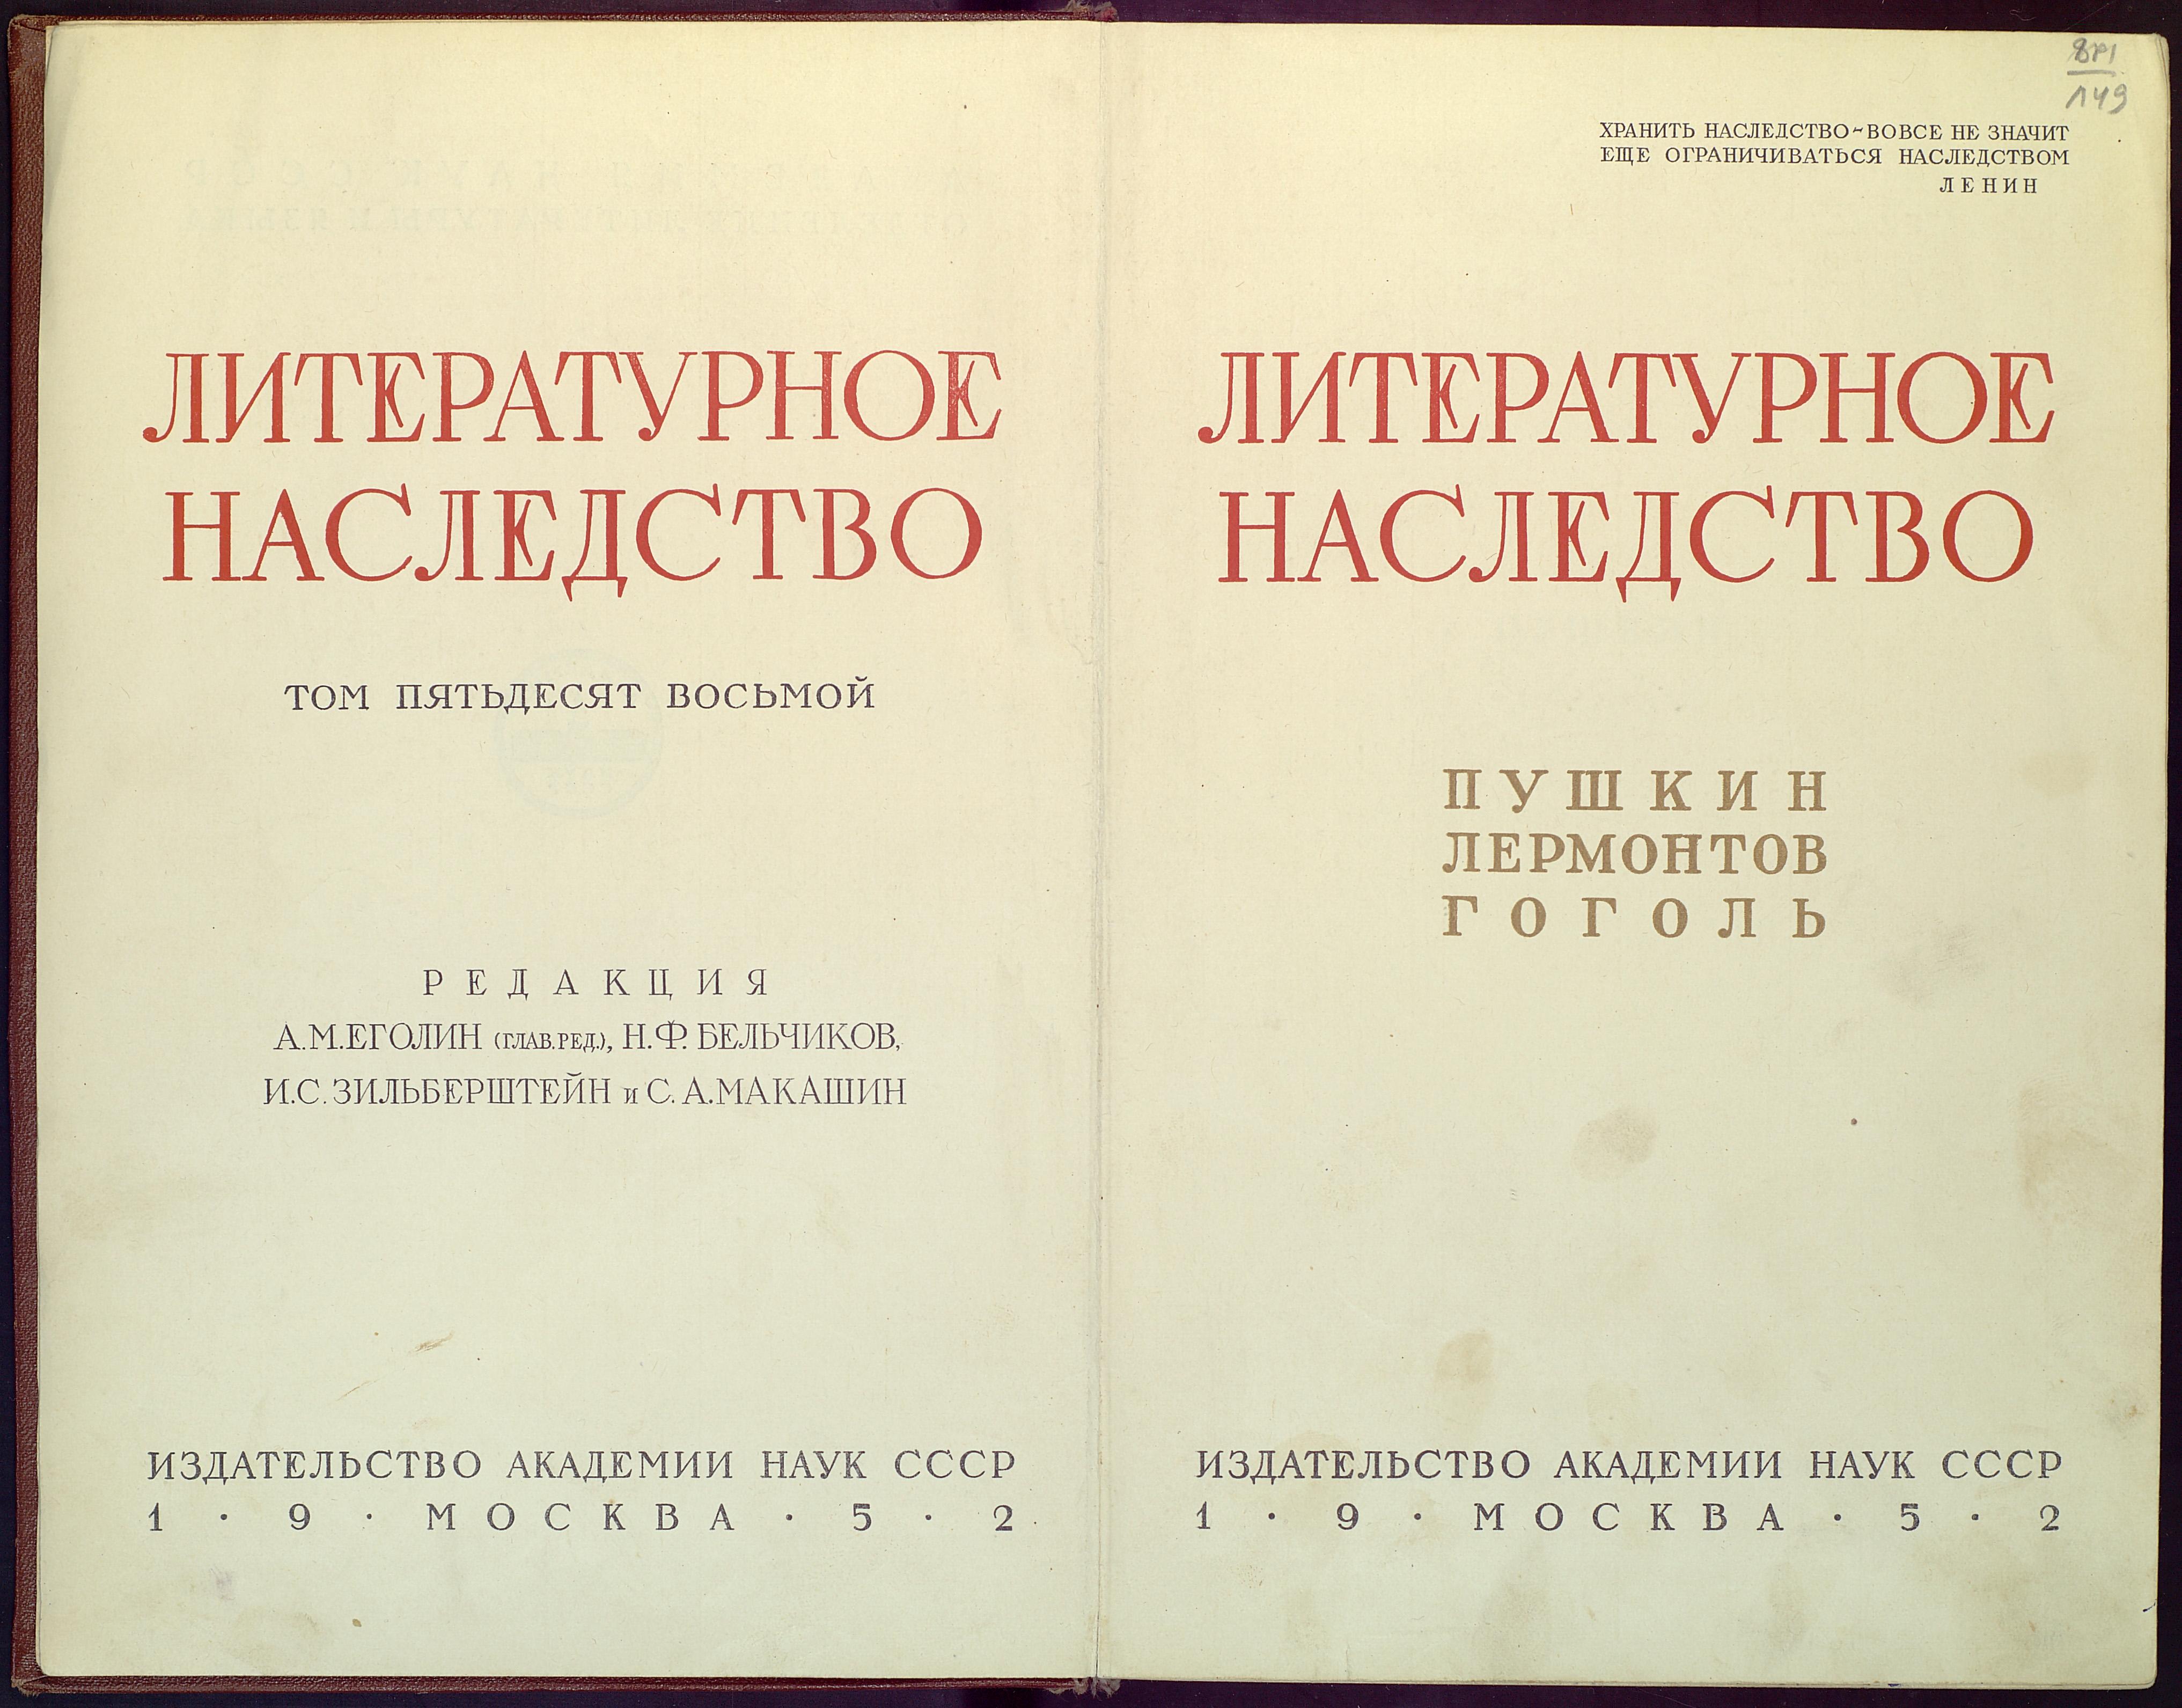 ЛОК-2969 ТАРХАНЫ КП-6360  Книга Литературное наследство. Т. 58._2